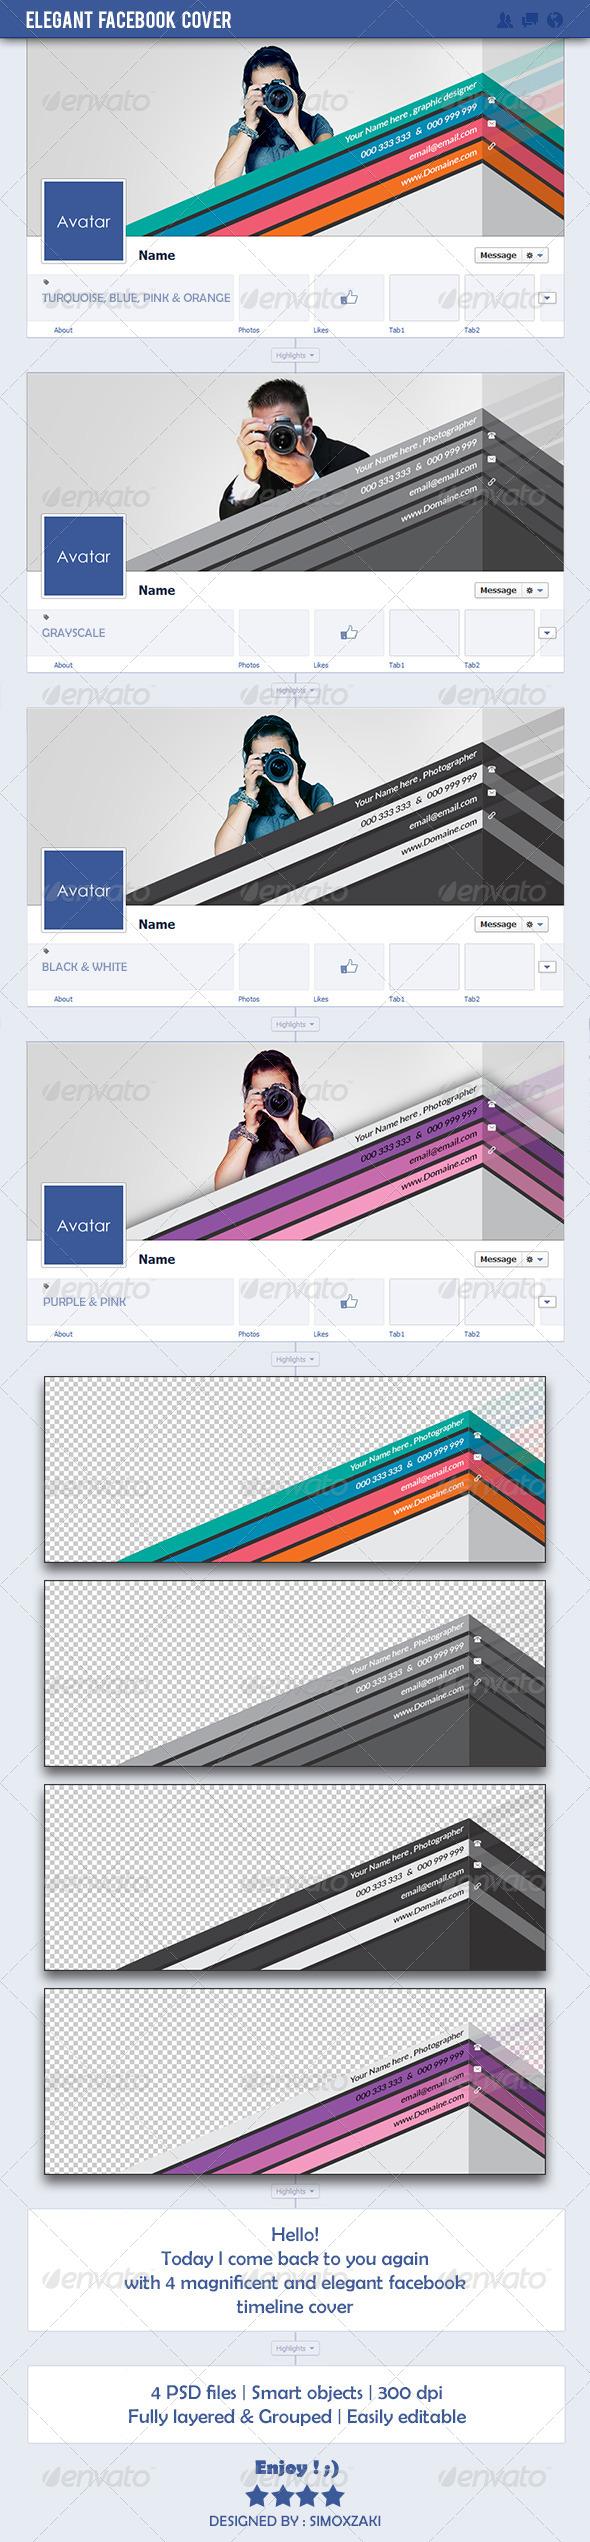 GraphicRiver Elegant facebook Cover 7203816